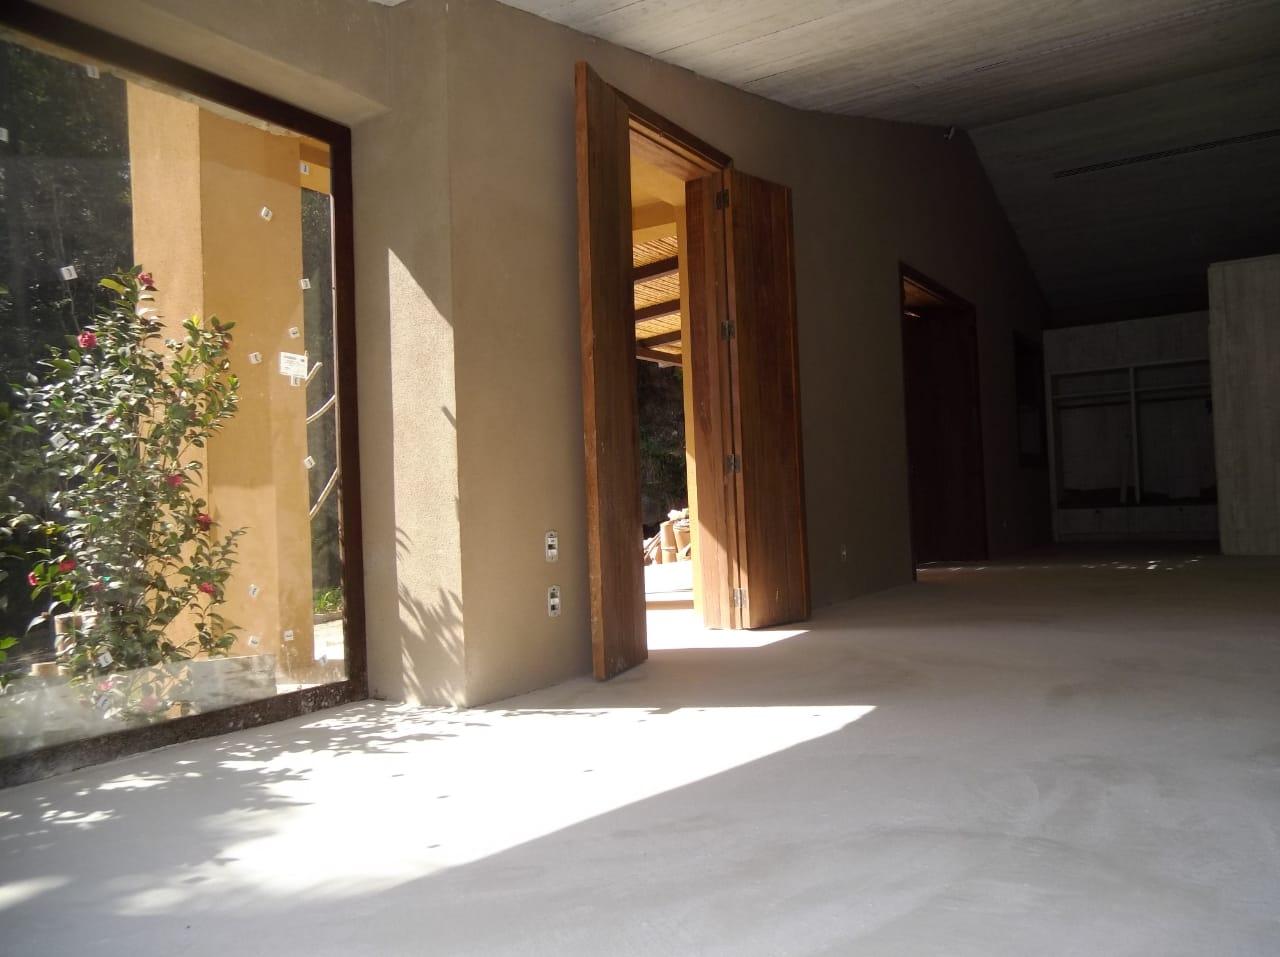 piso_cimenticio